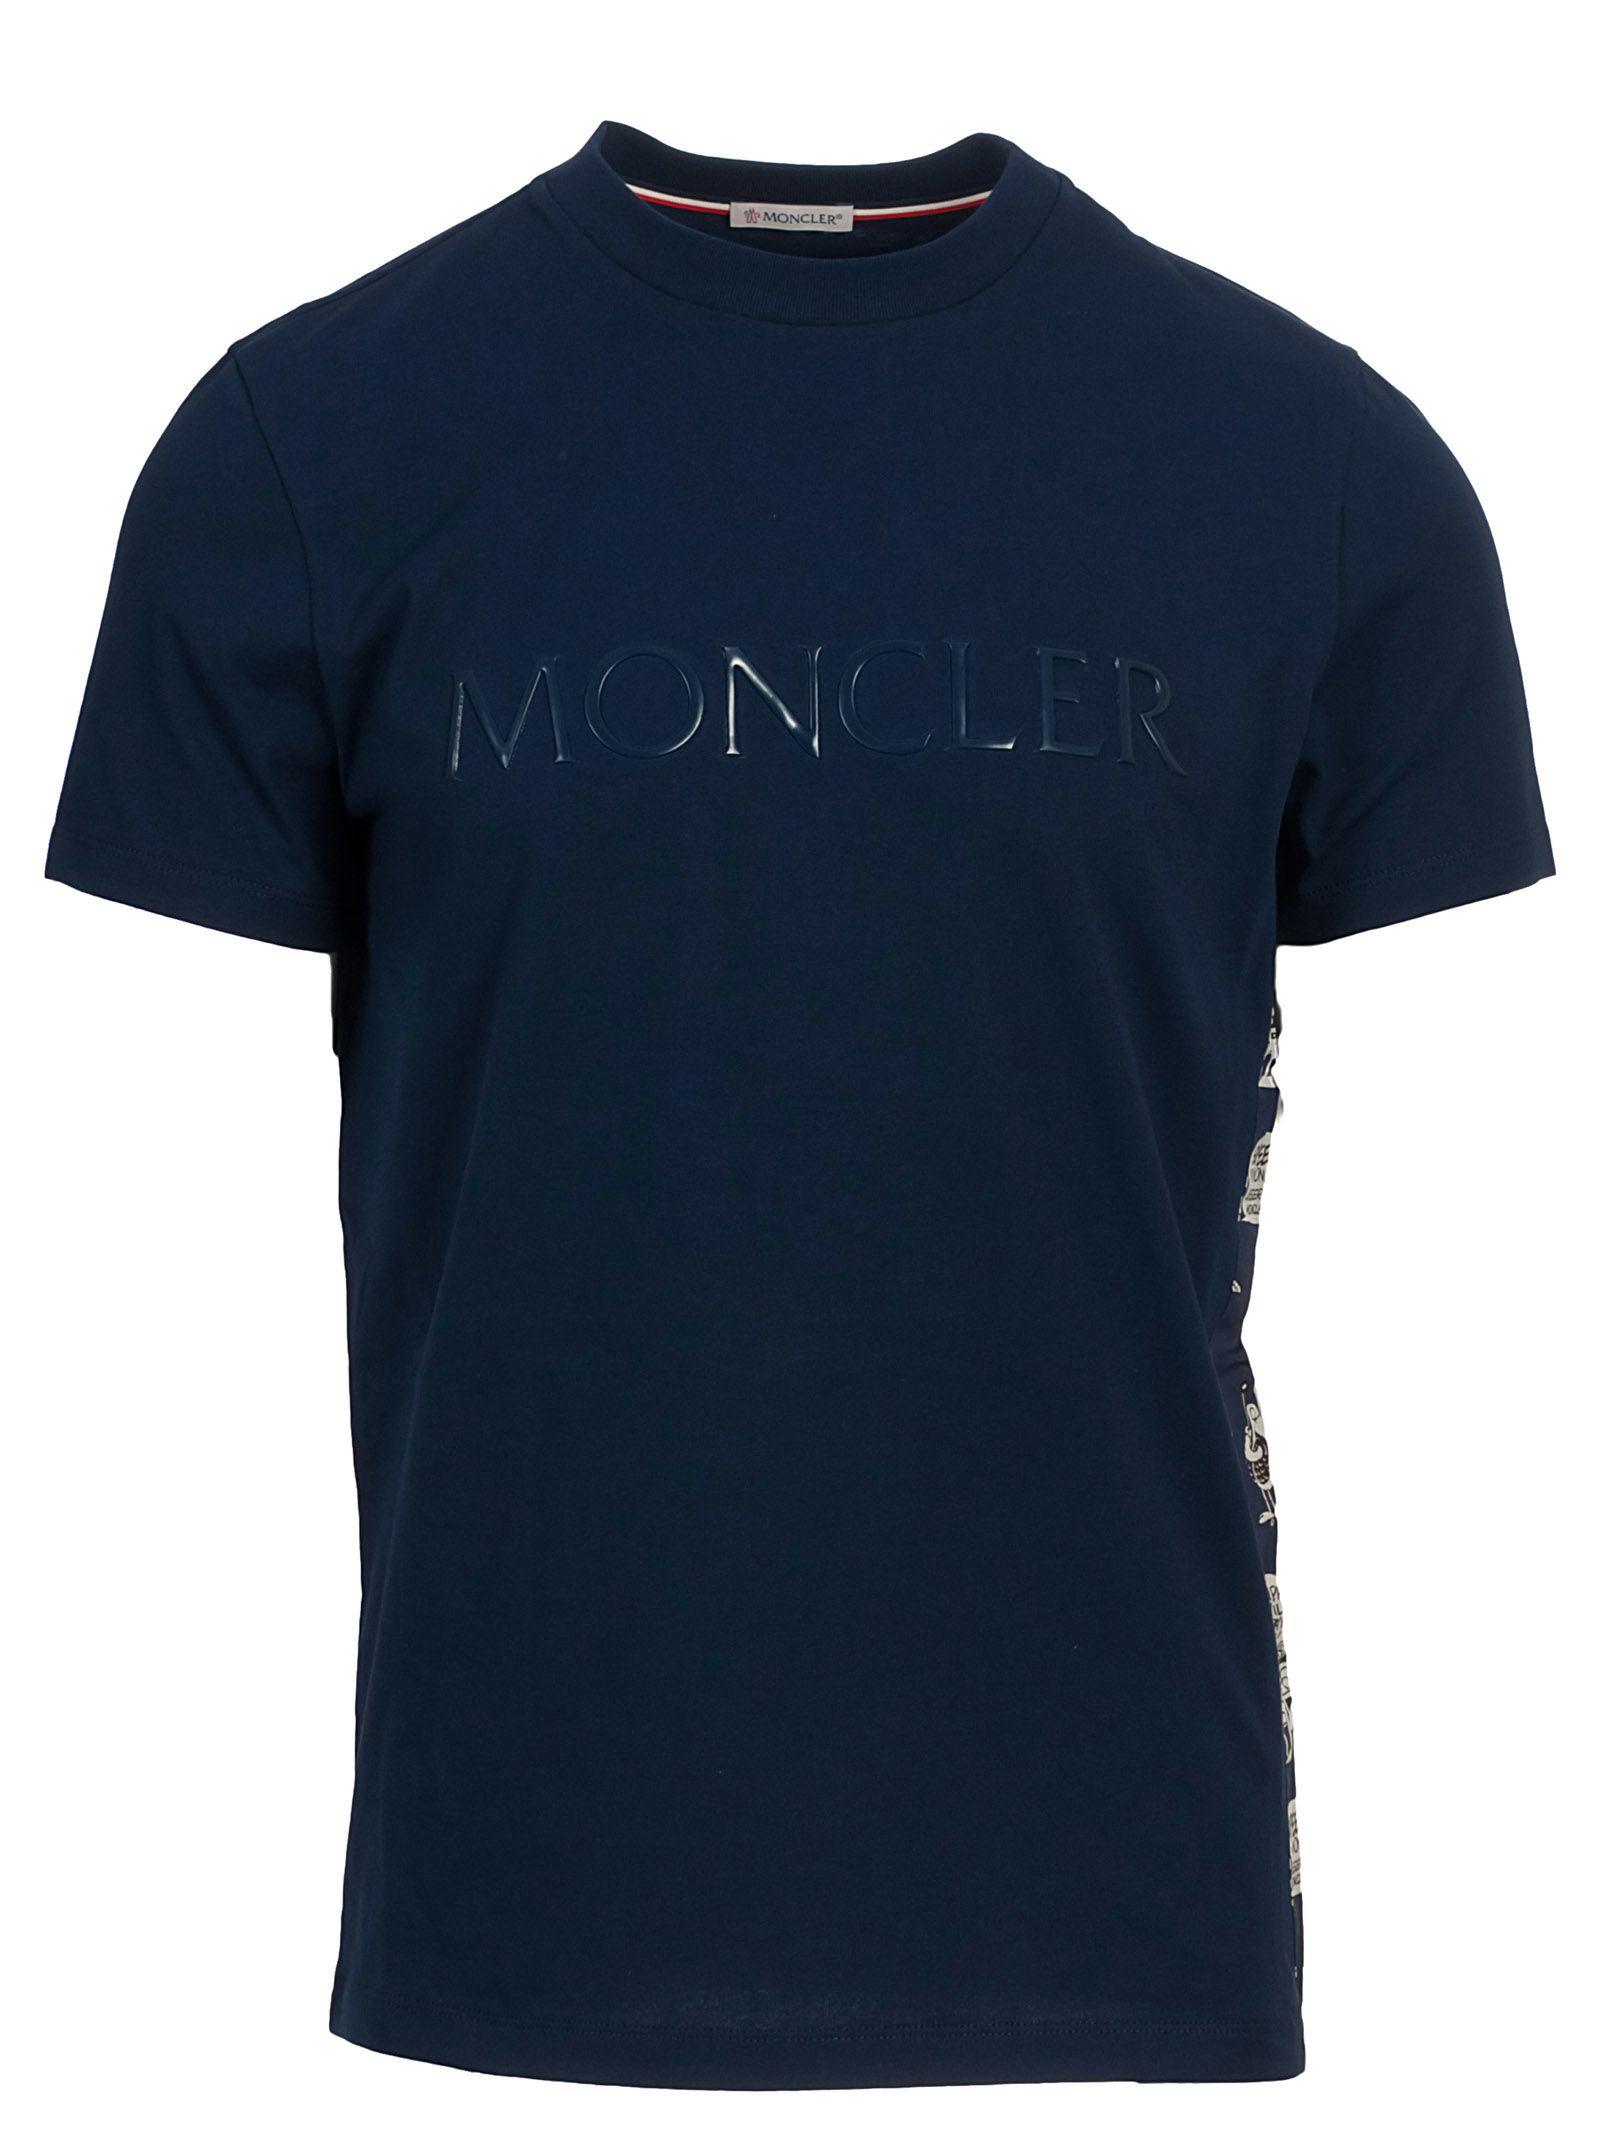 Moncler 8390t Cotton T-shirt